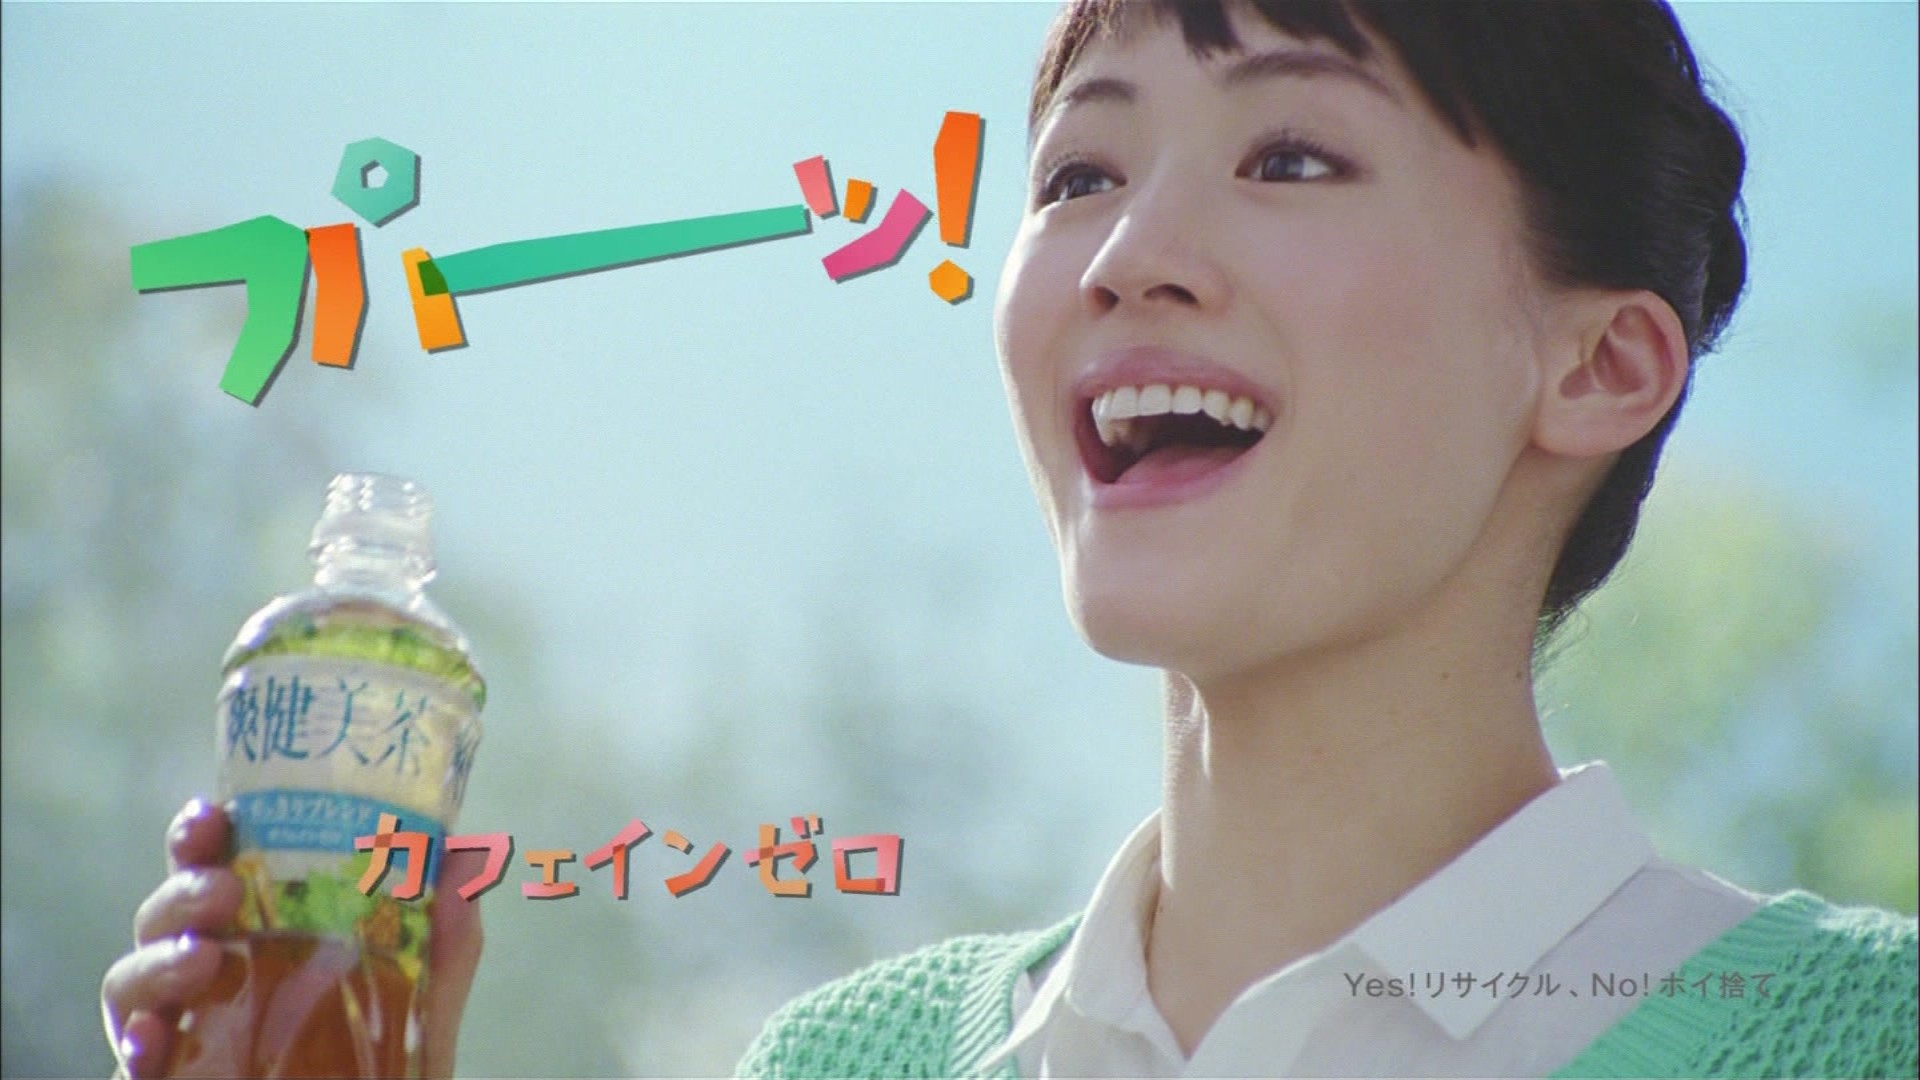 爽健美茶 五穀七草編 CM 綾瀬はるか : こんなテレビを見た。